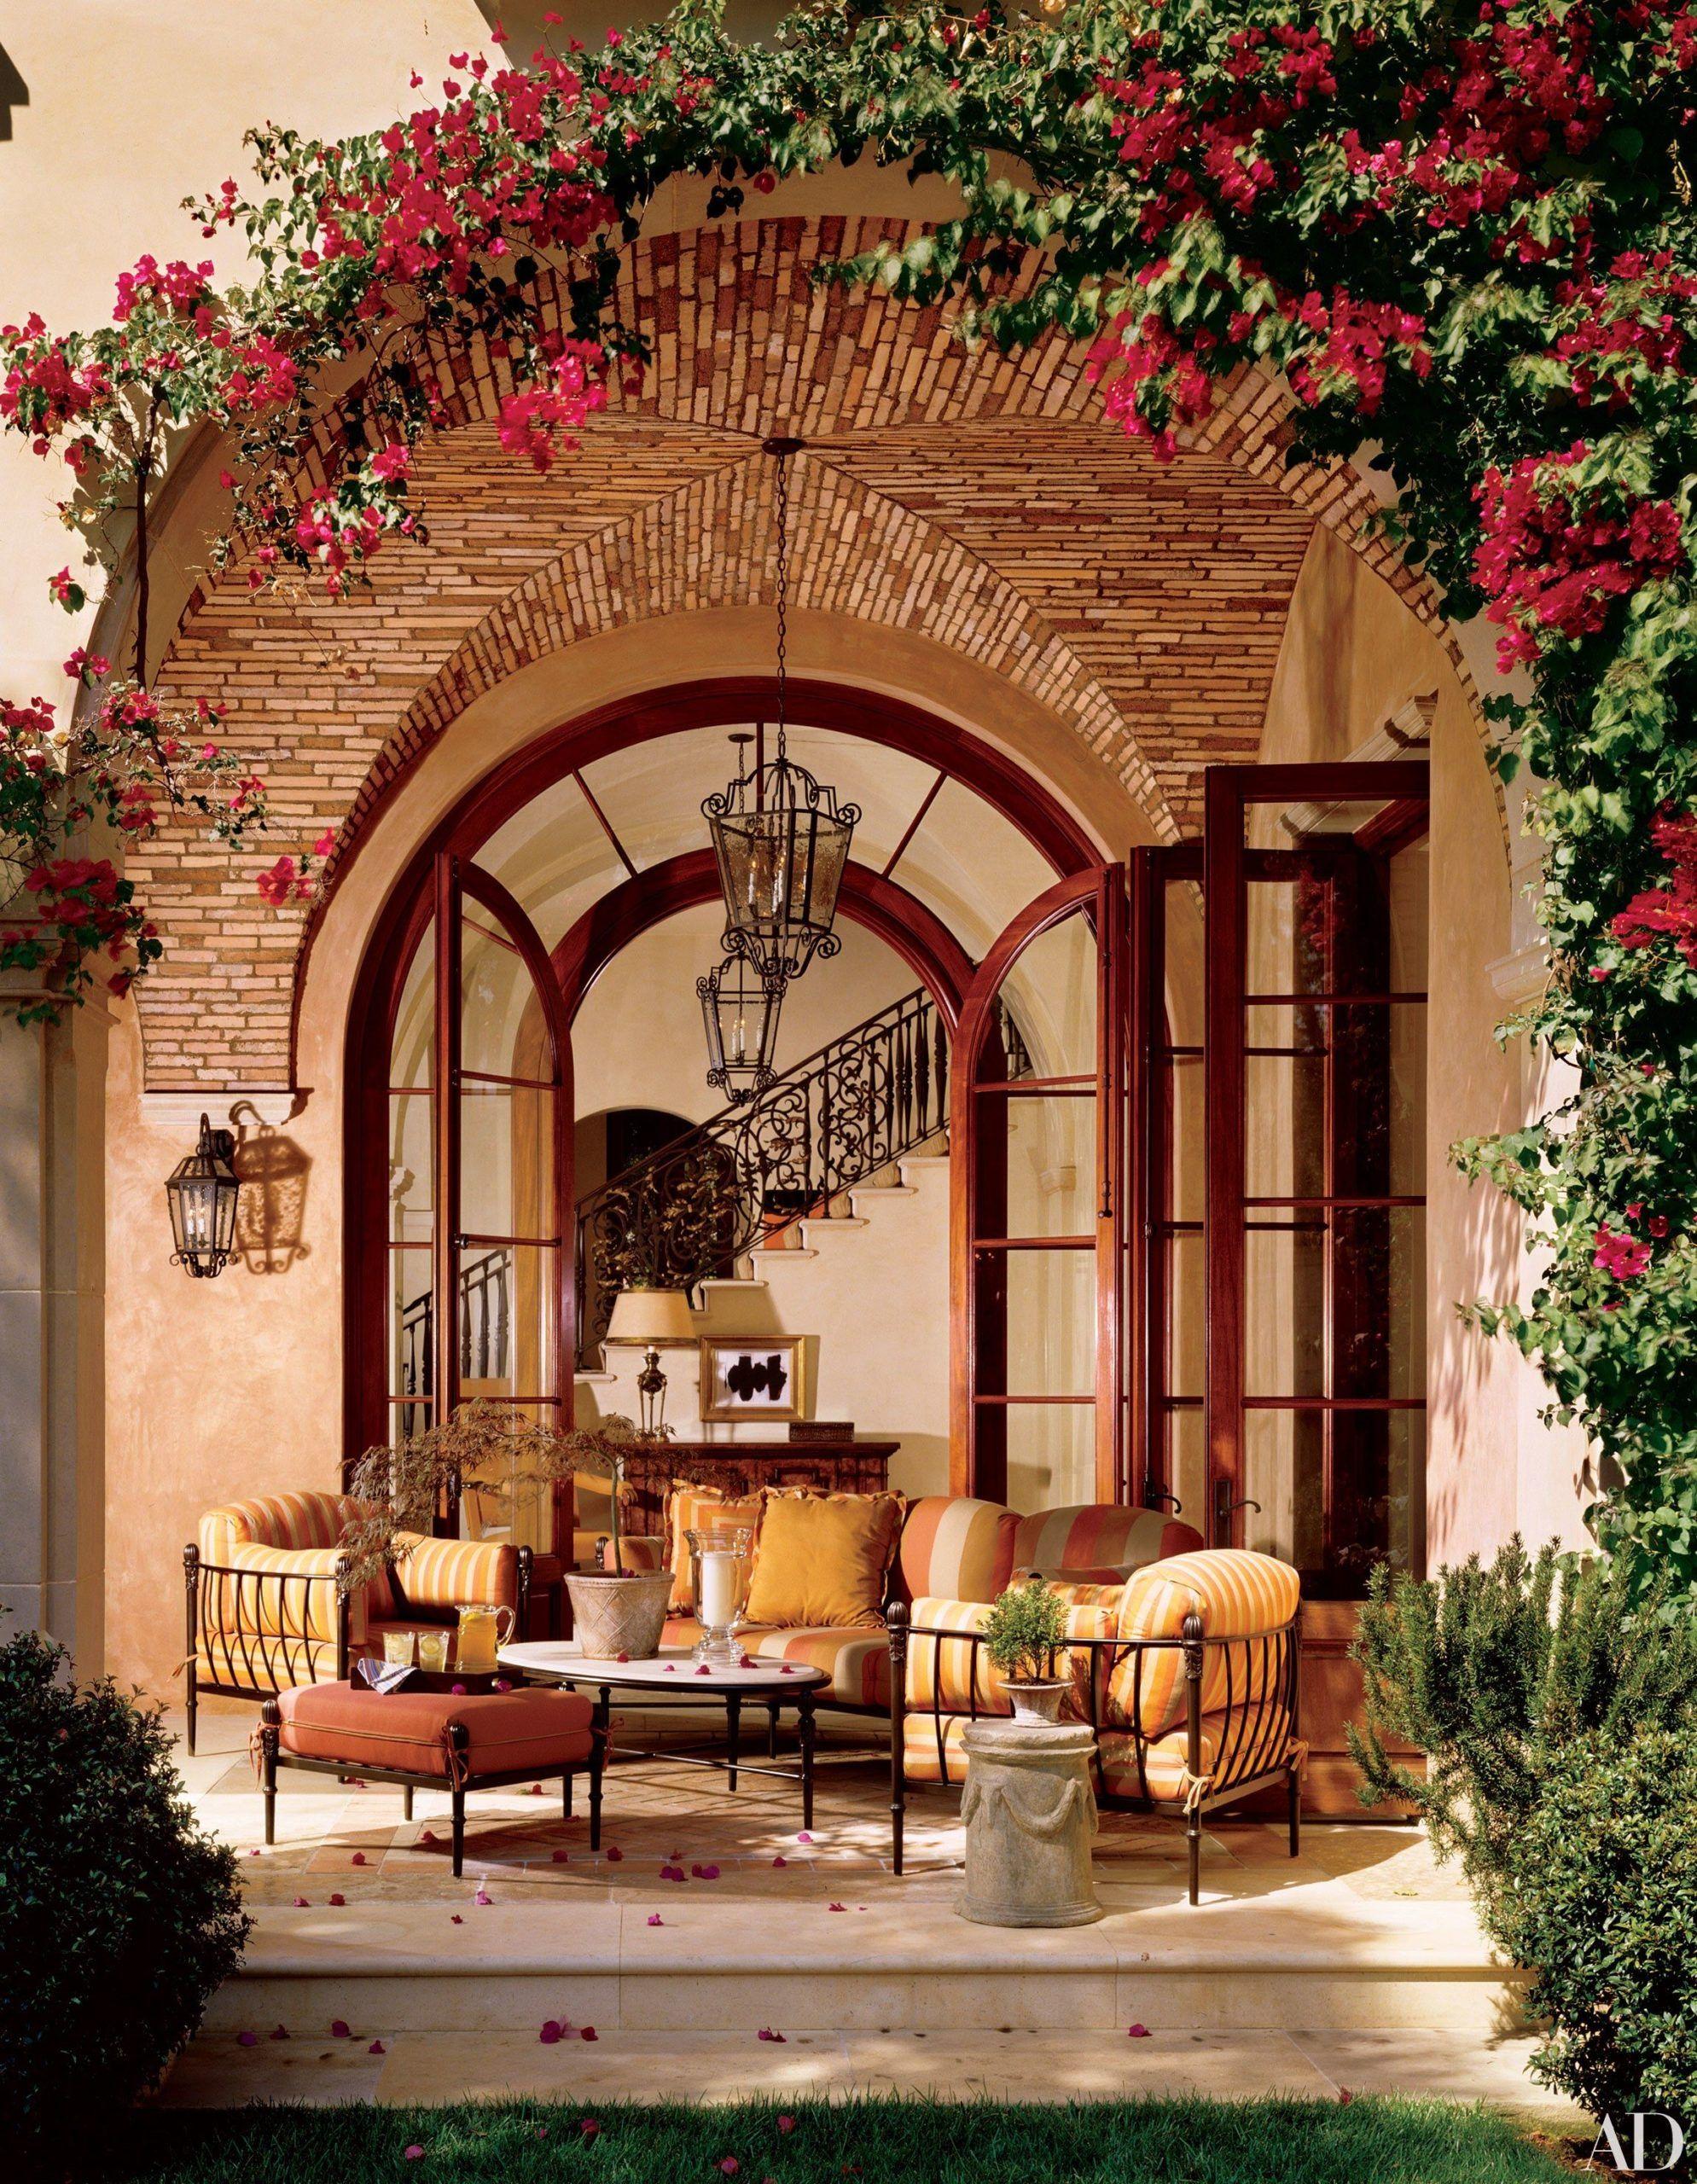 Außenbeleuchtung zur Beleuchtung Ihrer Veranda, Terrasse